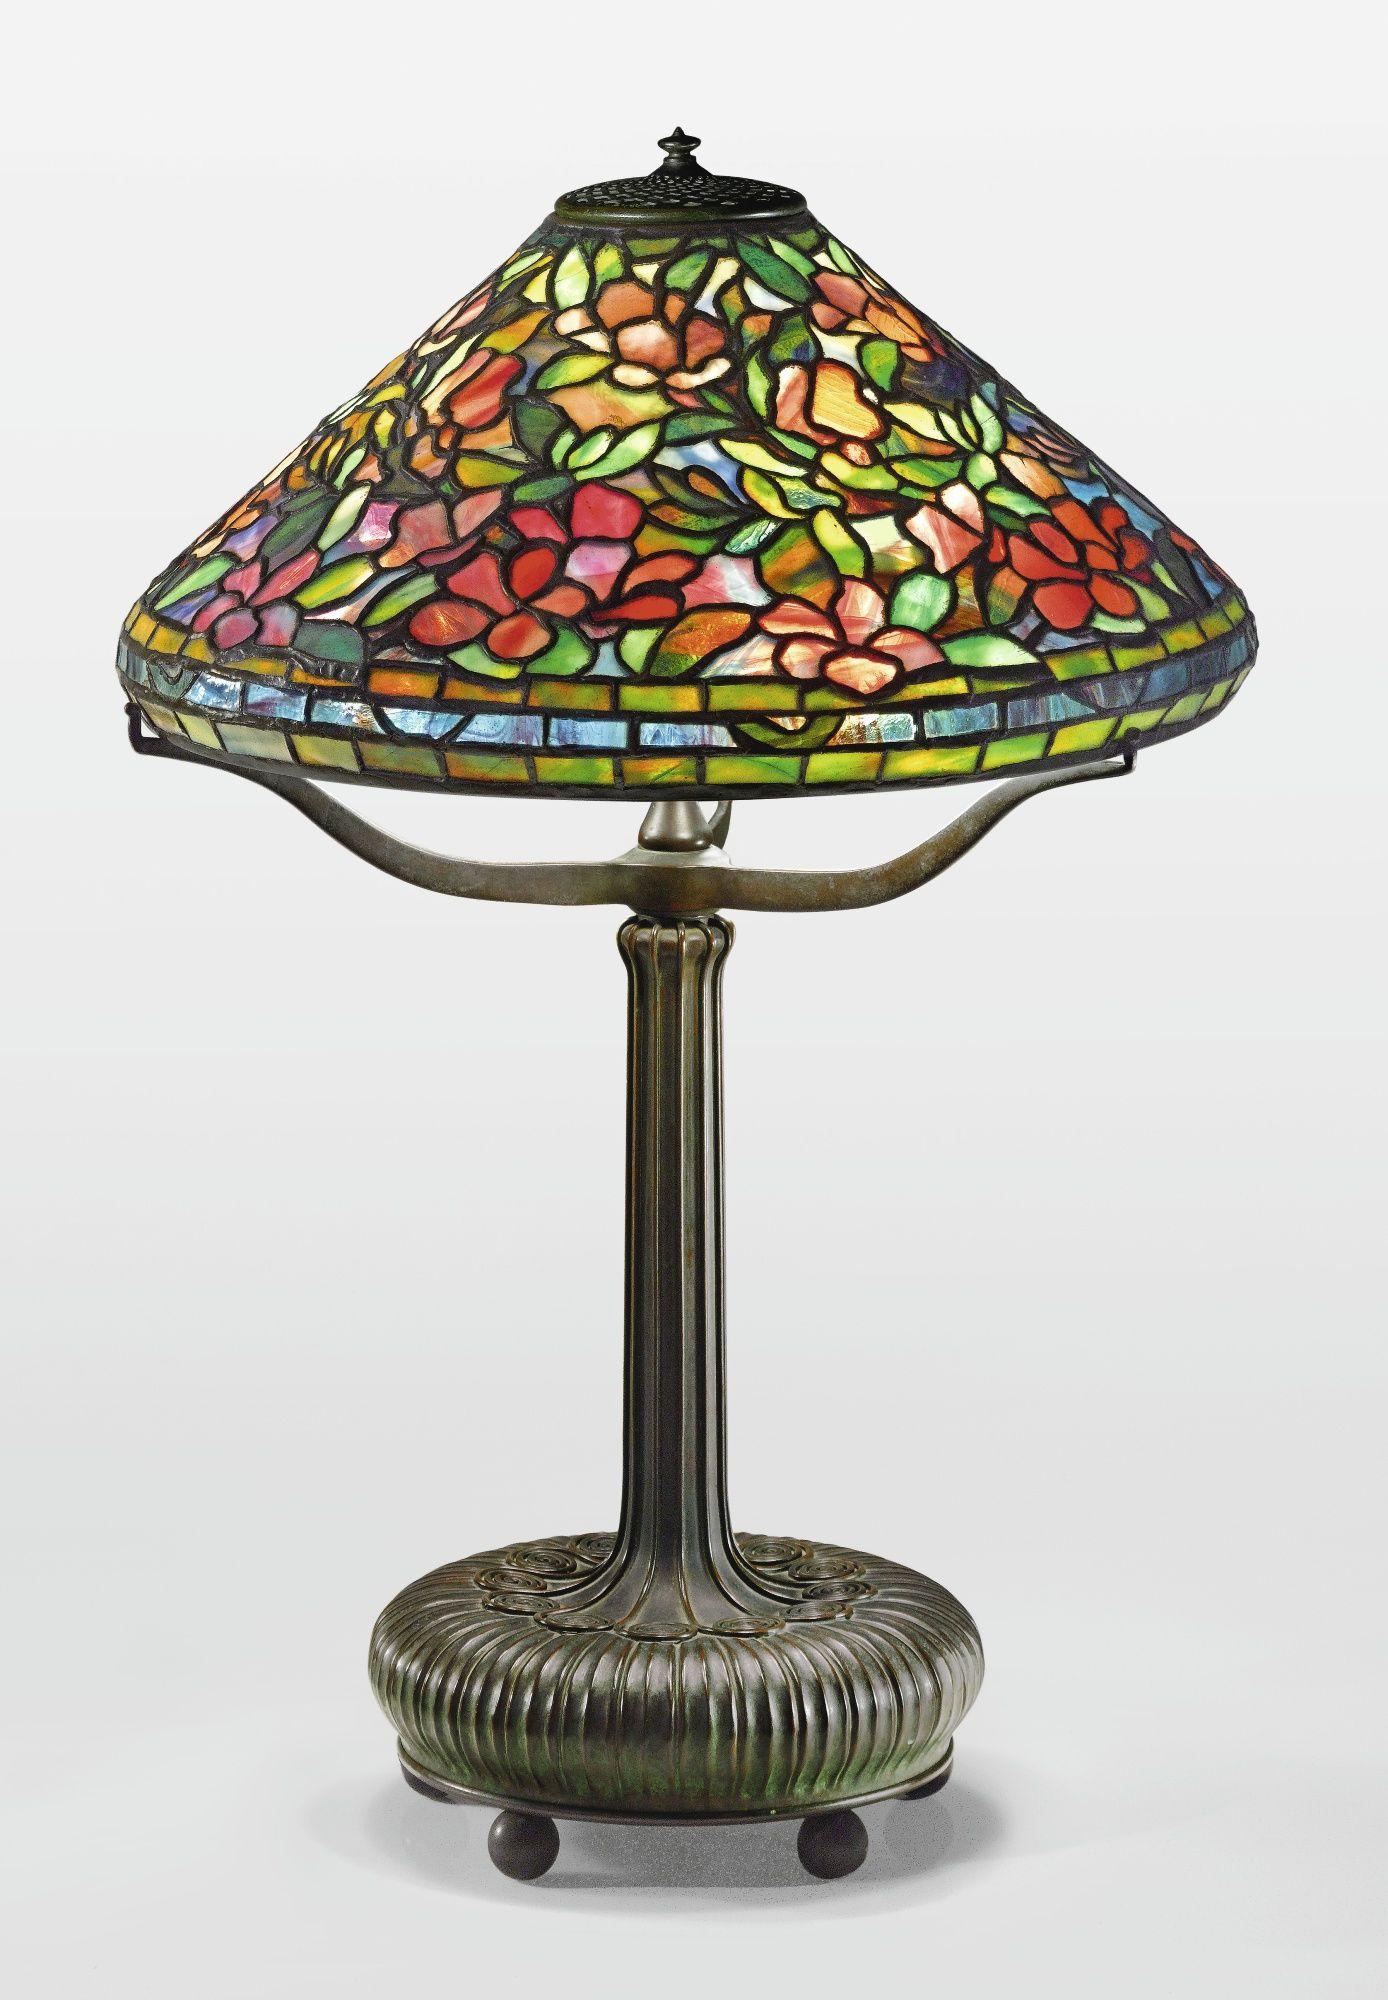 Tiffany Studios A Rare Azalea Table Lamp Shade With Small Early Tag Impressed Tiffany Stvdios New Antique Lamp Shades Small Lamp Shades Rustic Lamp Shades